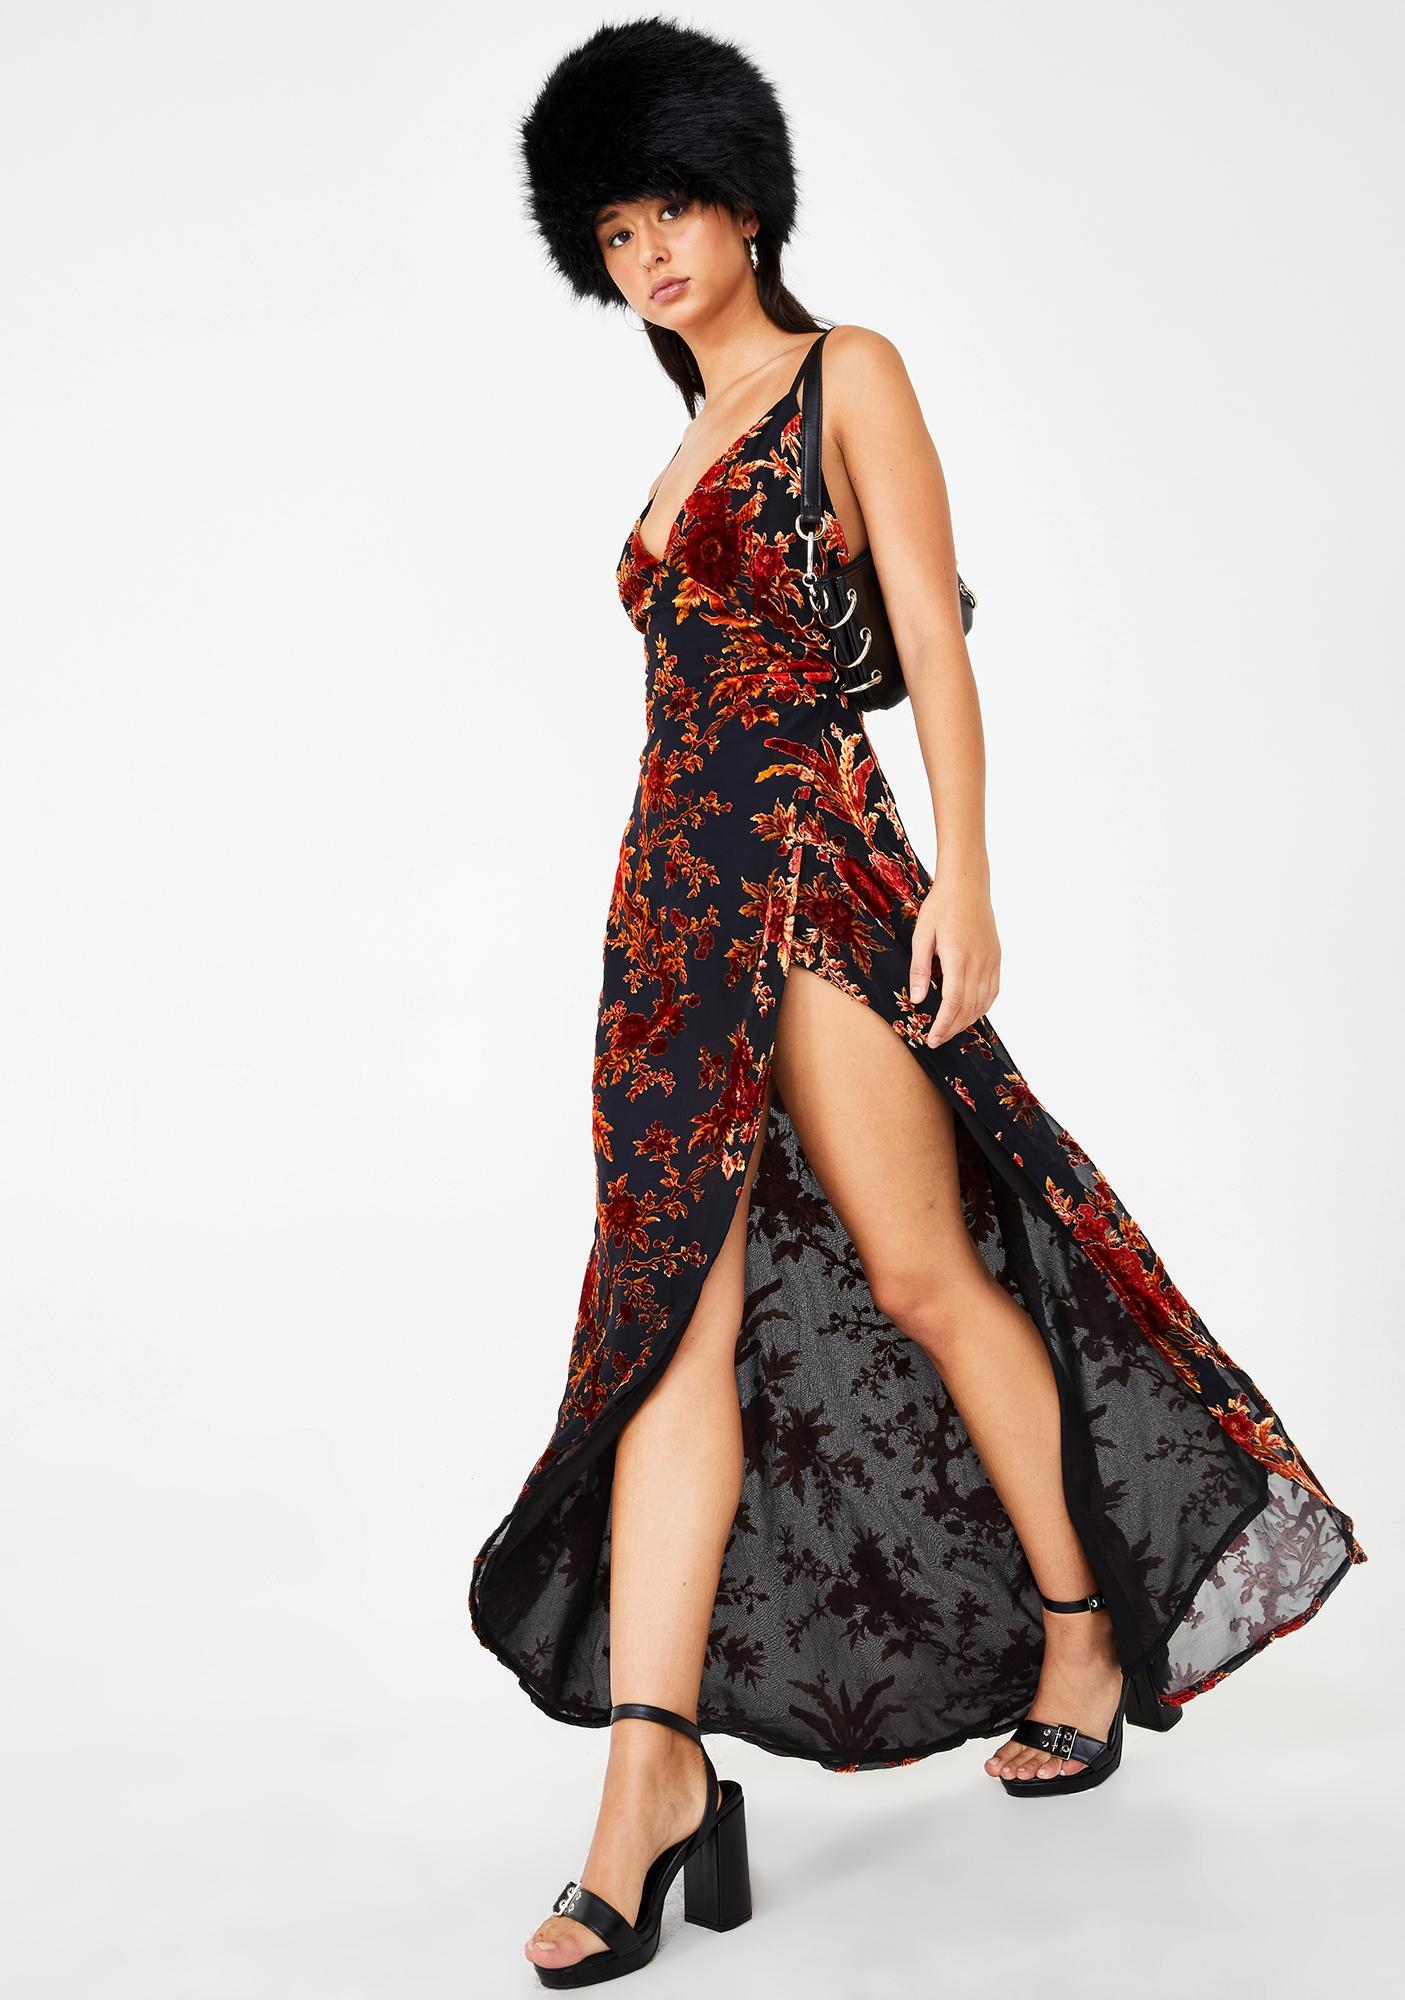 Tiger Mist Liliana Floral Dress